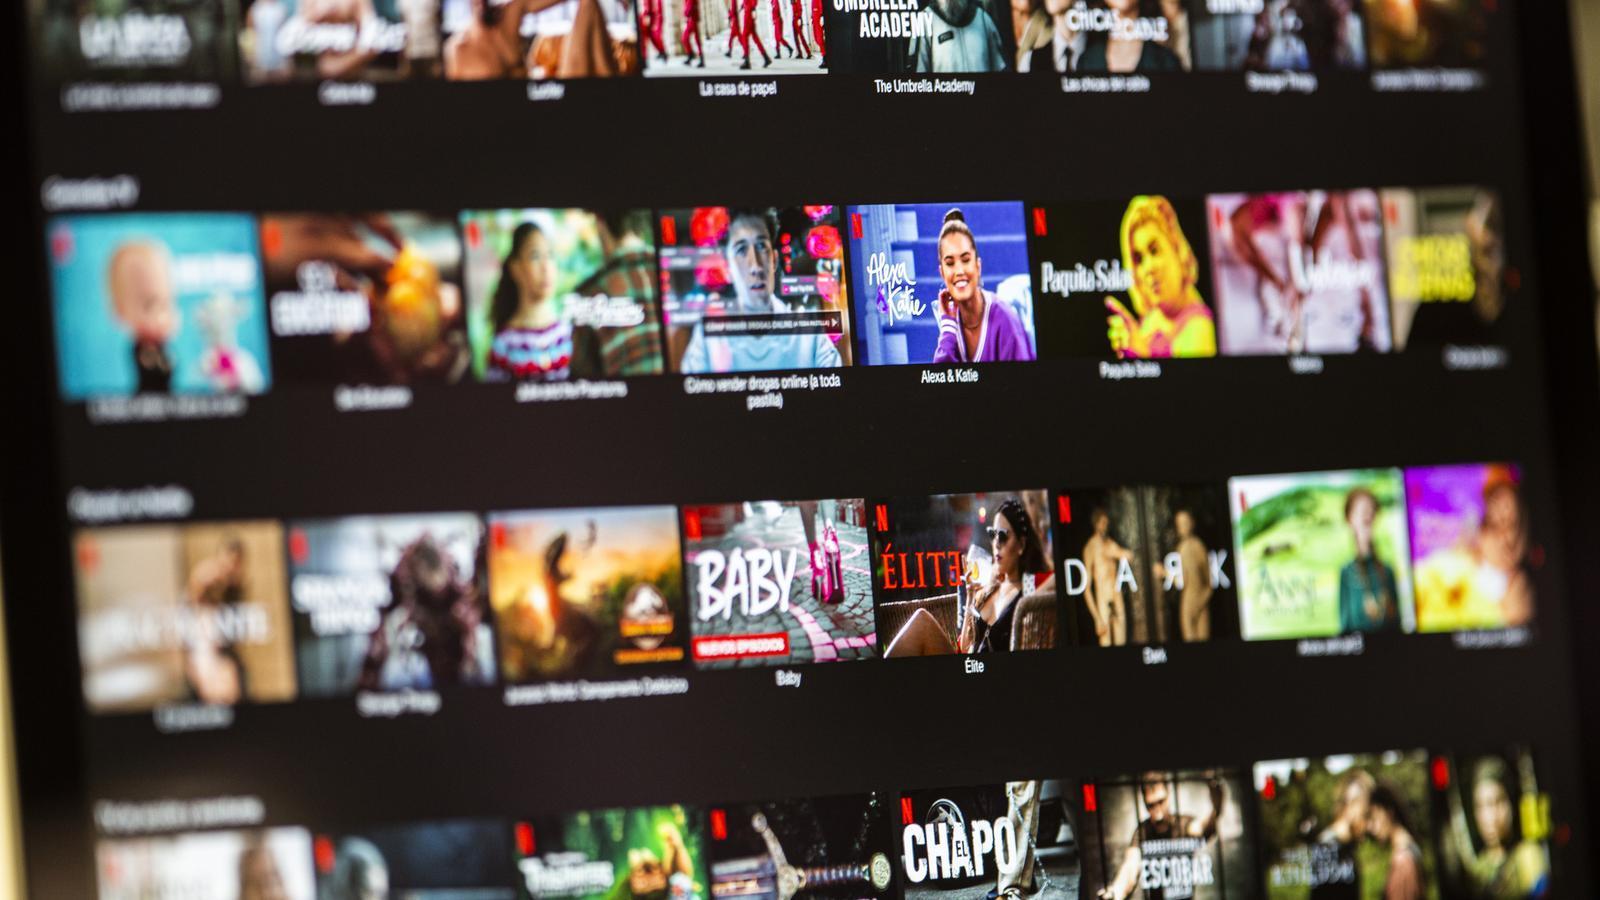 Imatge del catàleg de sèries i pel·lícules de la plataforma Netflix